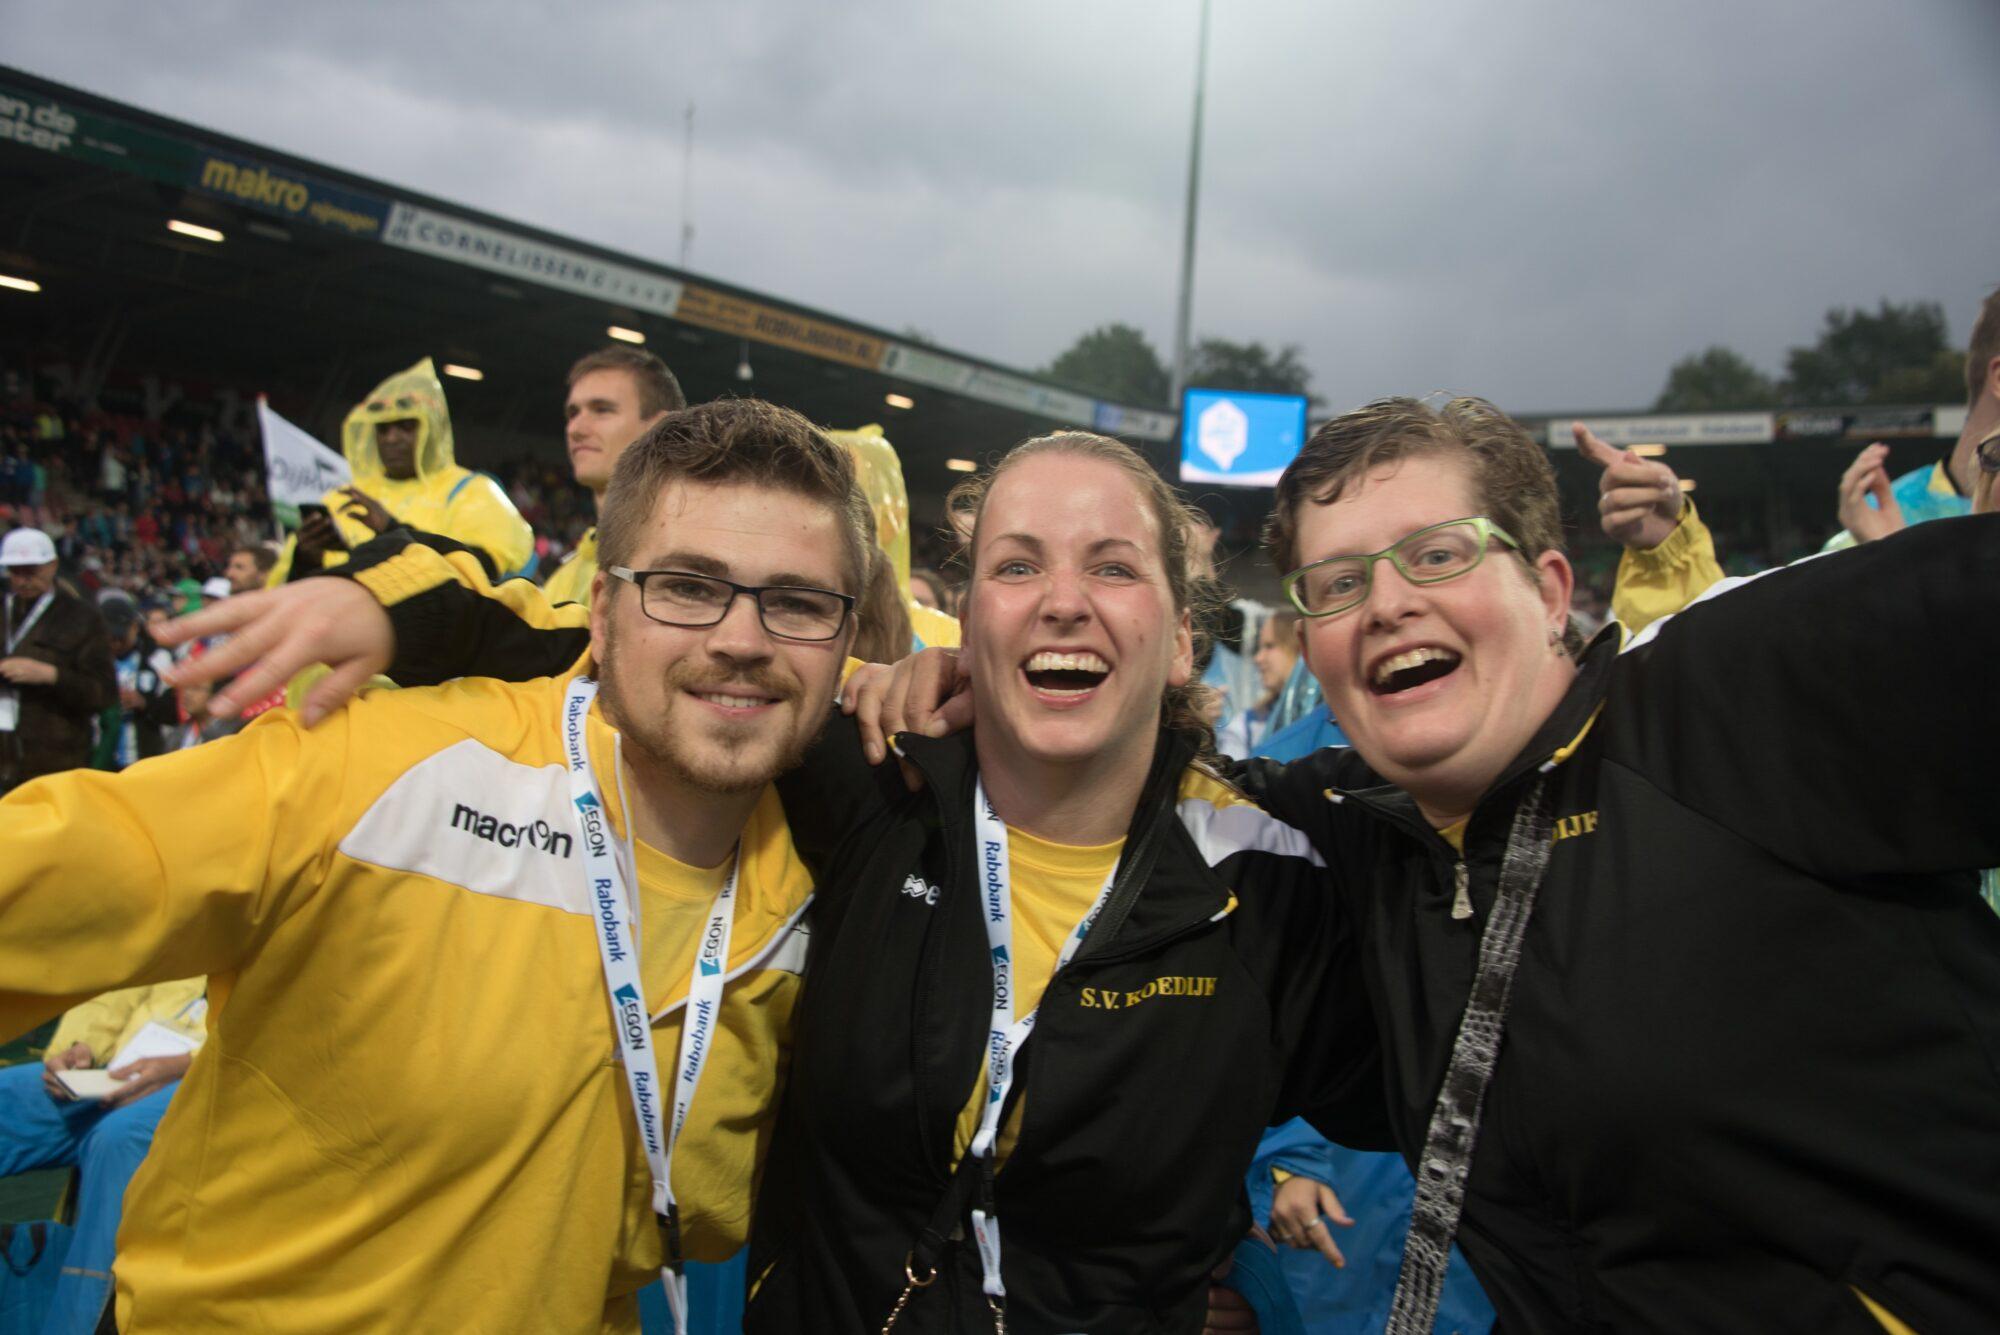 Unified Moves, de eerste editie van de Special Olympics Online Spelen